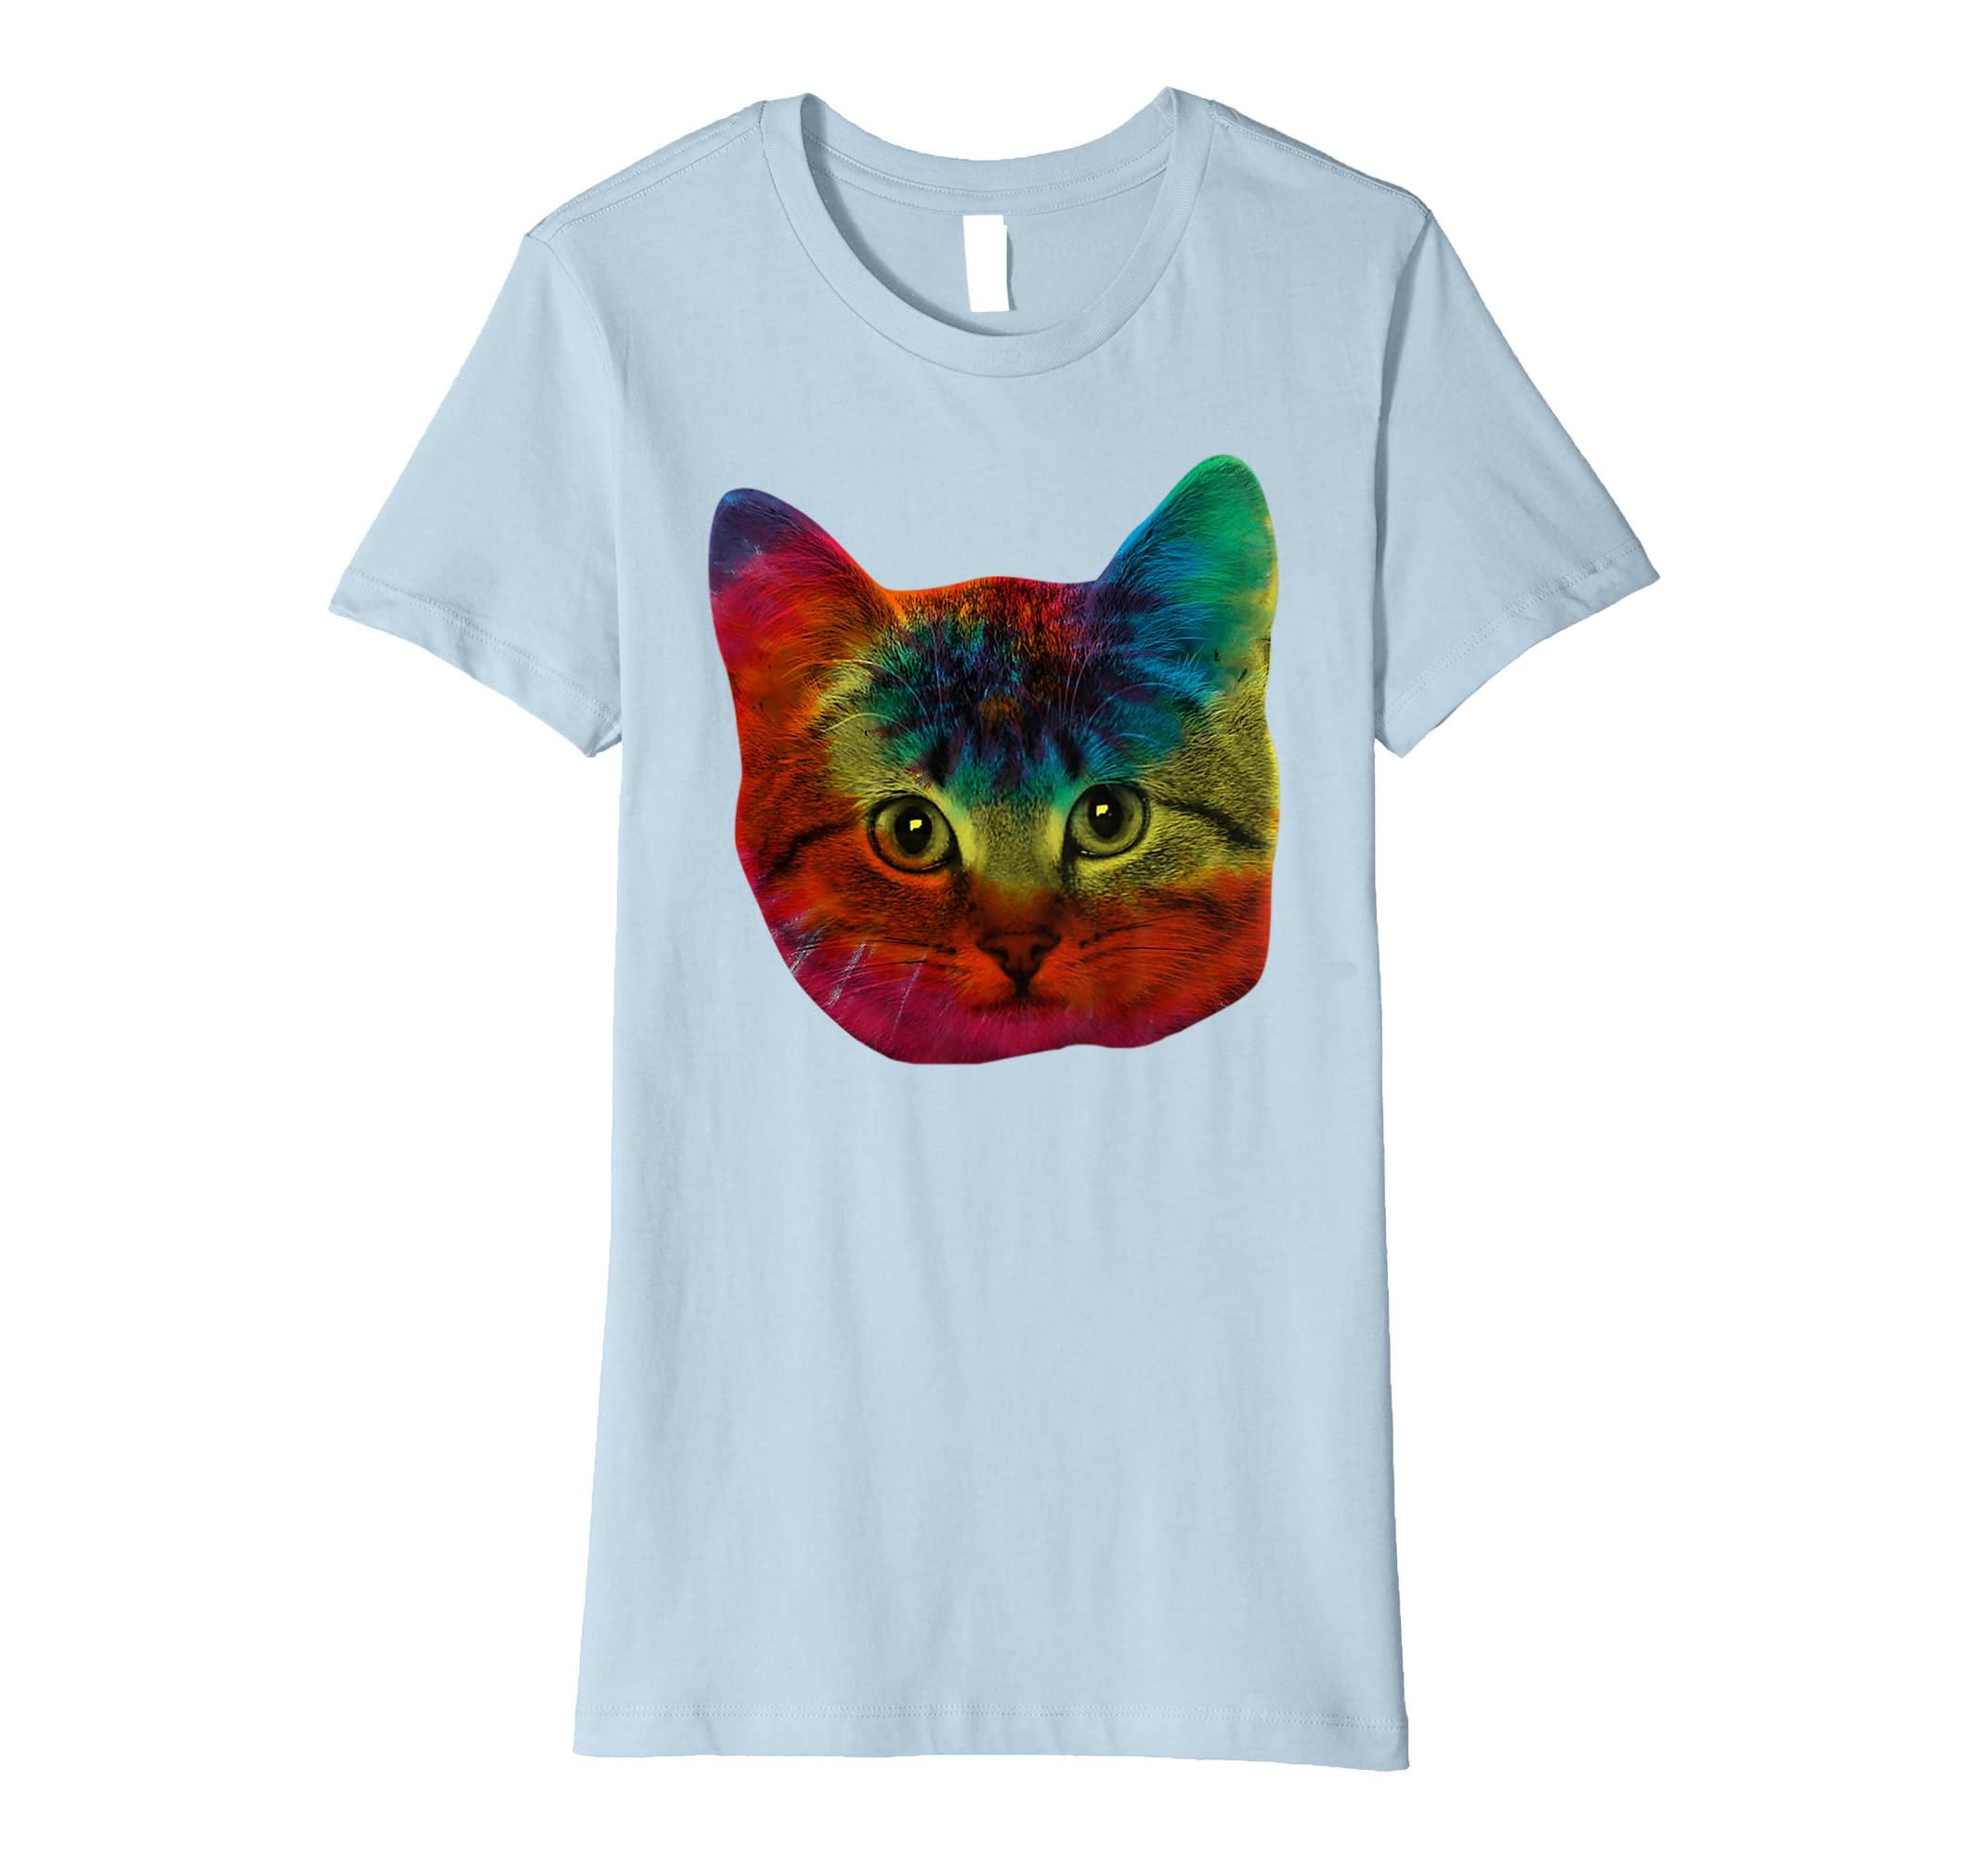 43ded6e8 Amazon.com: Tie Dye Cat Shirt | Colorful Tye Dye Kitten T-Shirt: Clothing